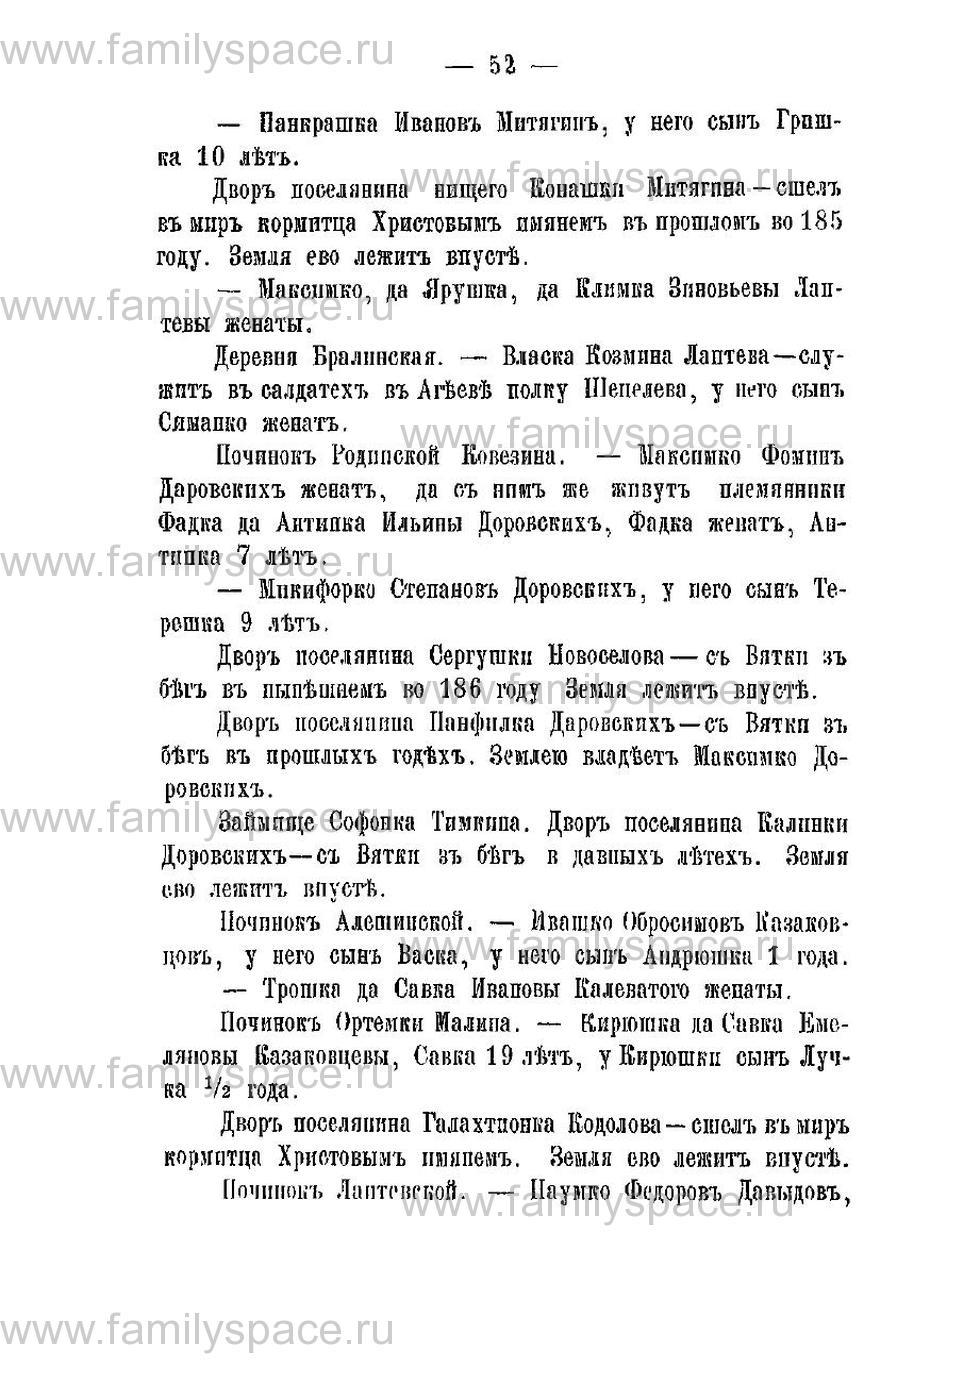 Поиск по фамилии - Переписная книга Орлова и волостей 1678 г, страница 48